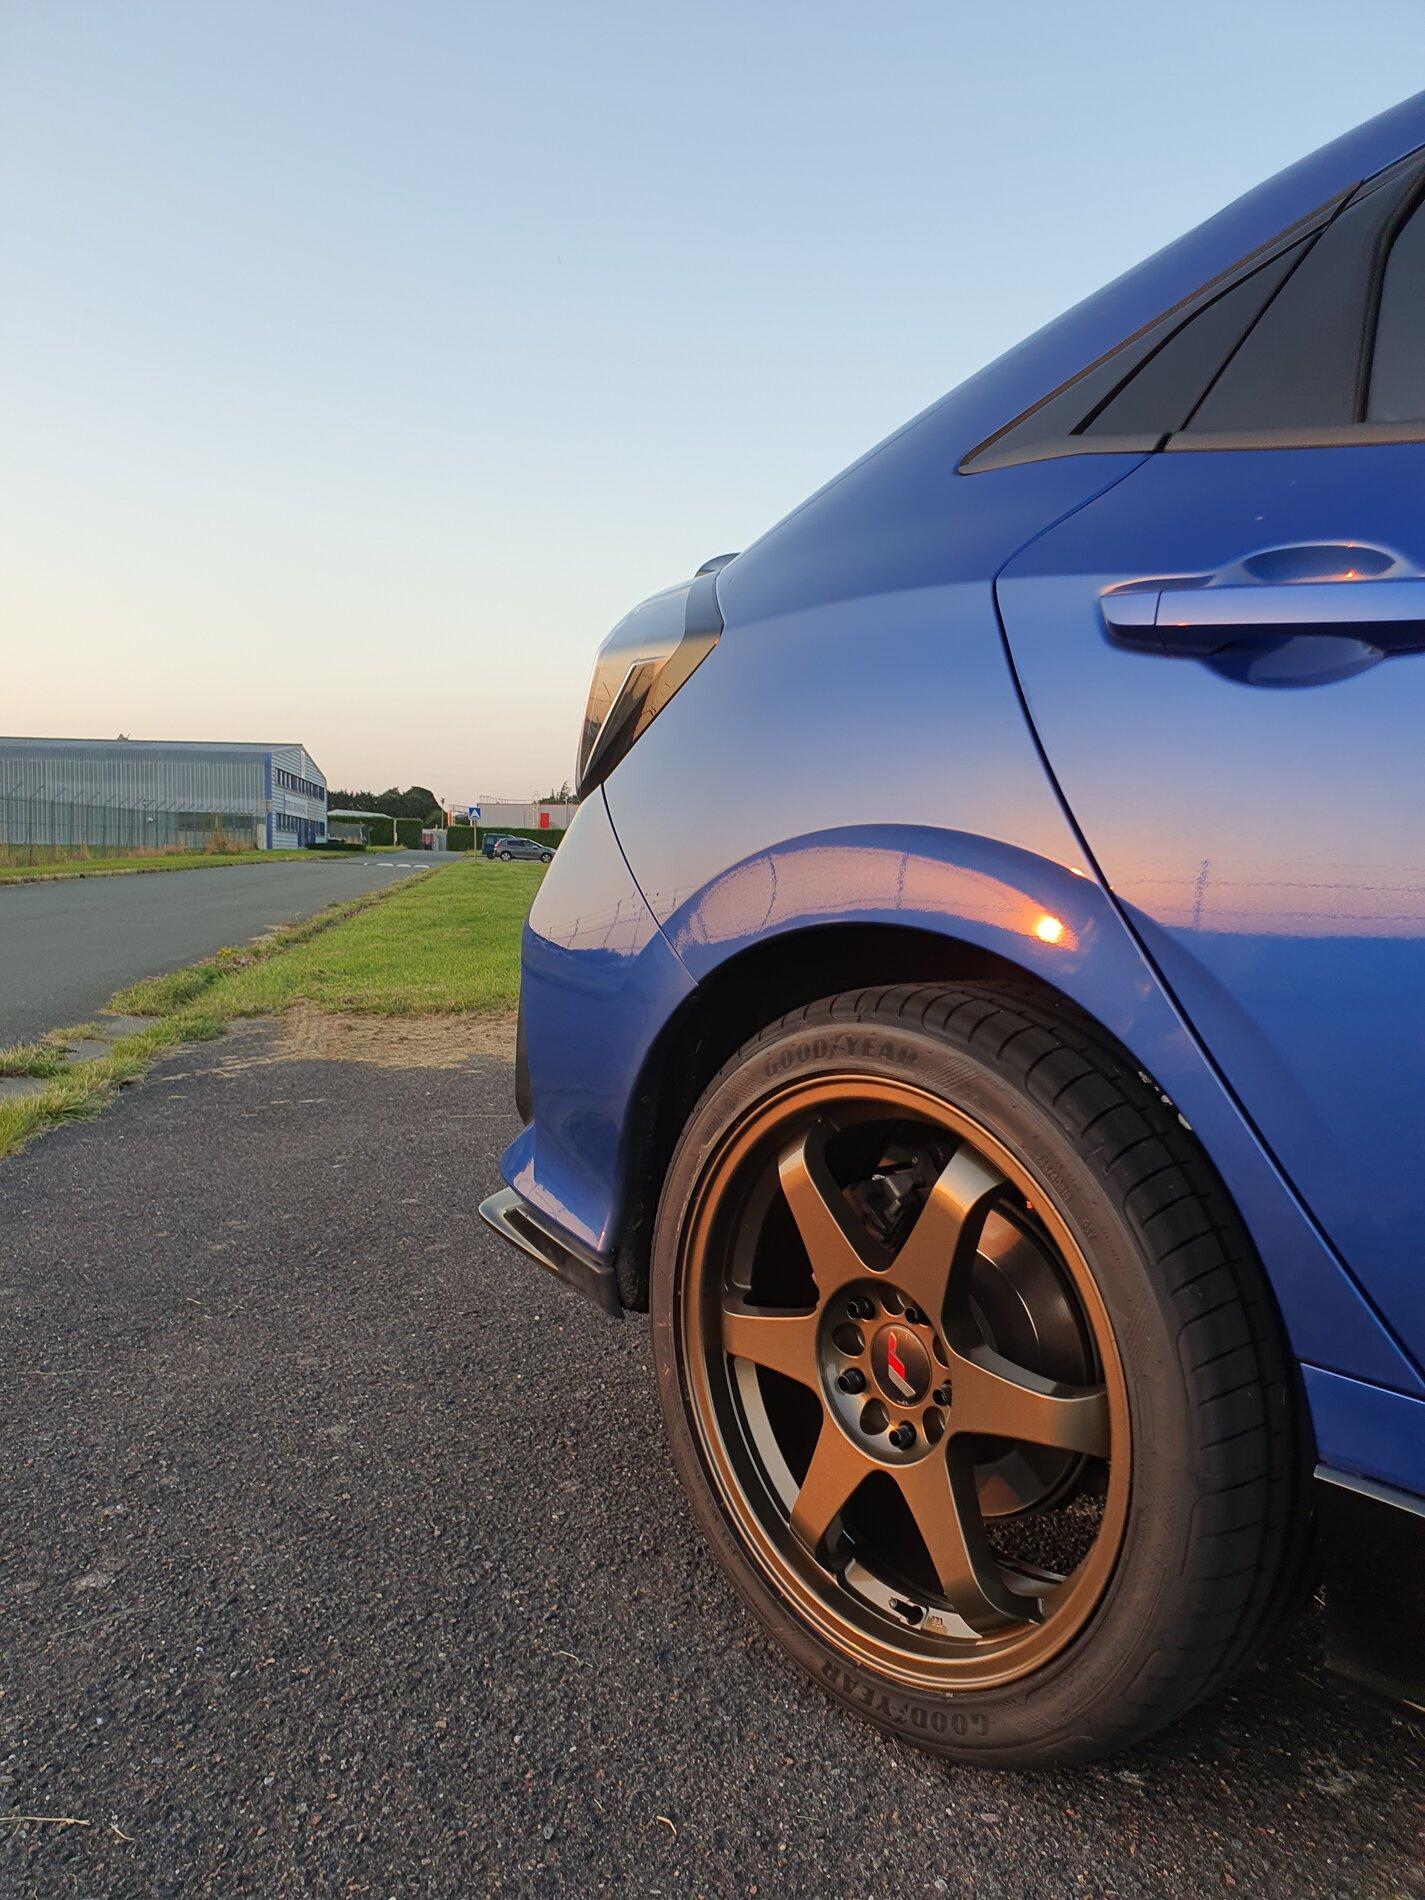 photo 2 Honda Civic Wheels  JR3 18x8.0, ET +40, tire size / R18. x ET